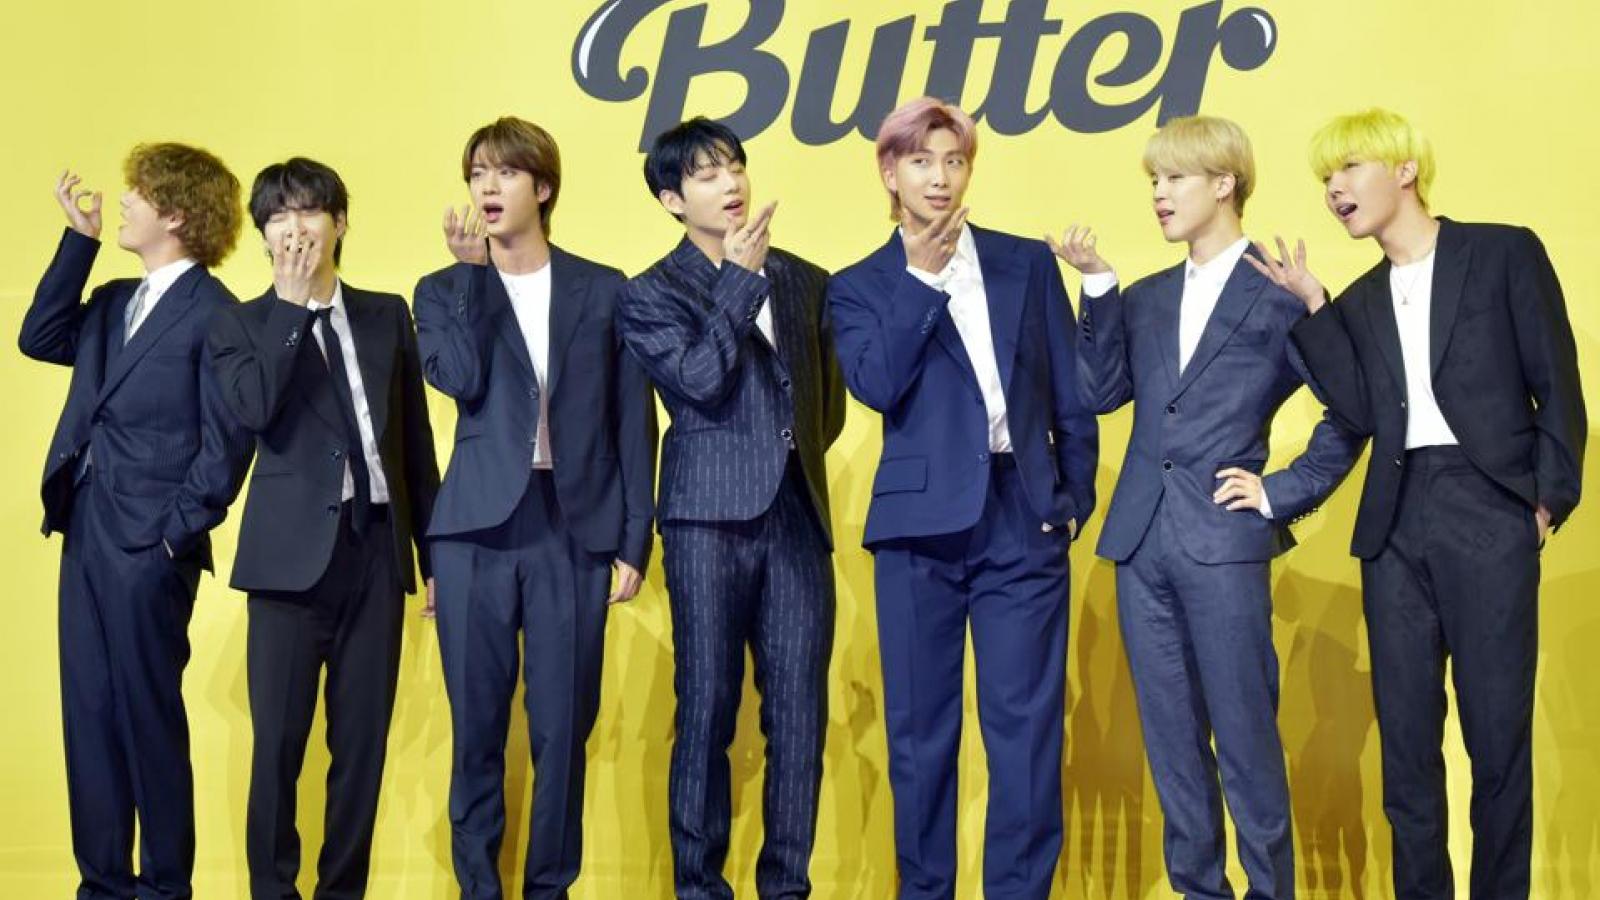 BTS có làm mất giá trị các bảng xếp hạng âm nhạc, trong đó có Billboard?